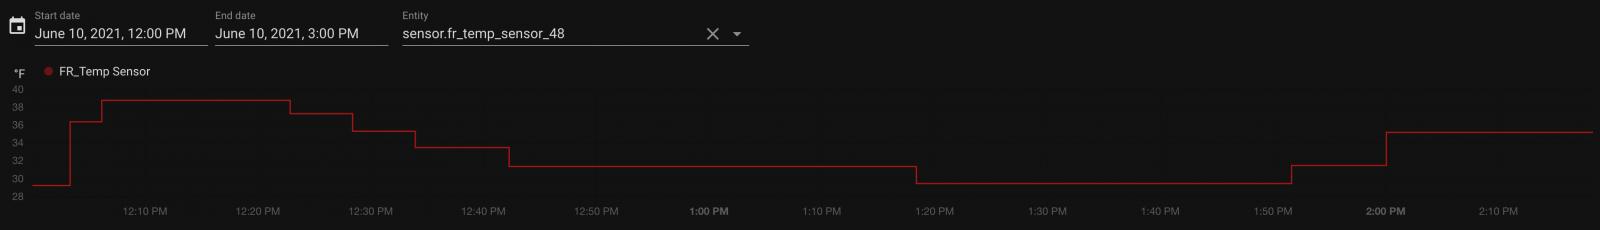 Screen Shot 2021-06-10 at 2.18.59 PM.png